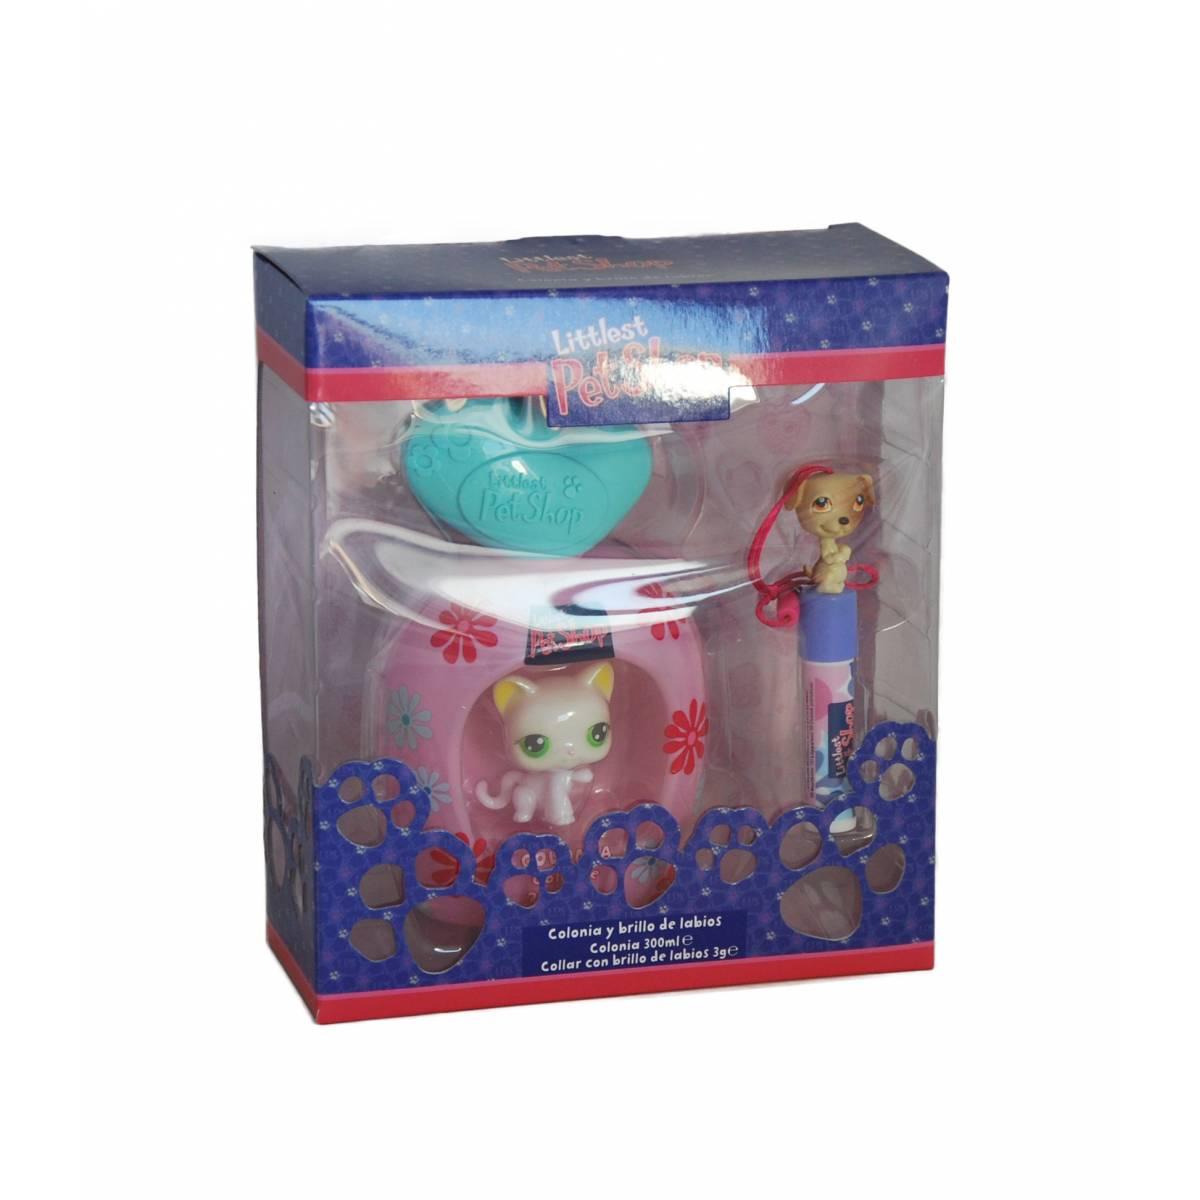 PetShop - Eau de toilette 300 ml